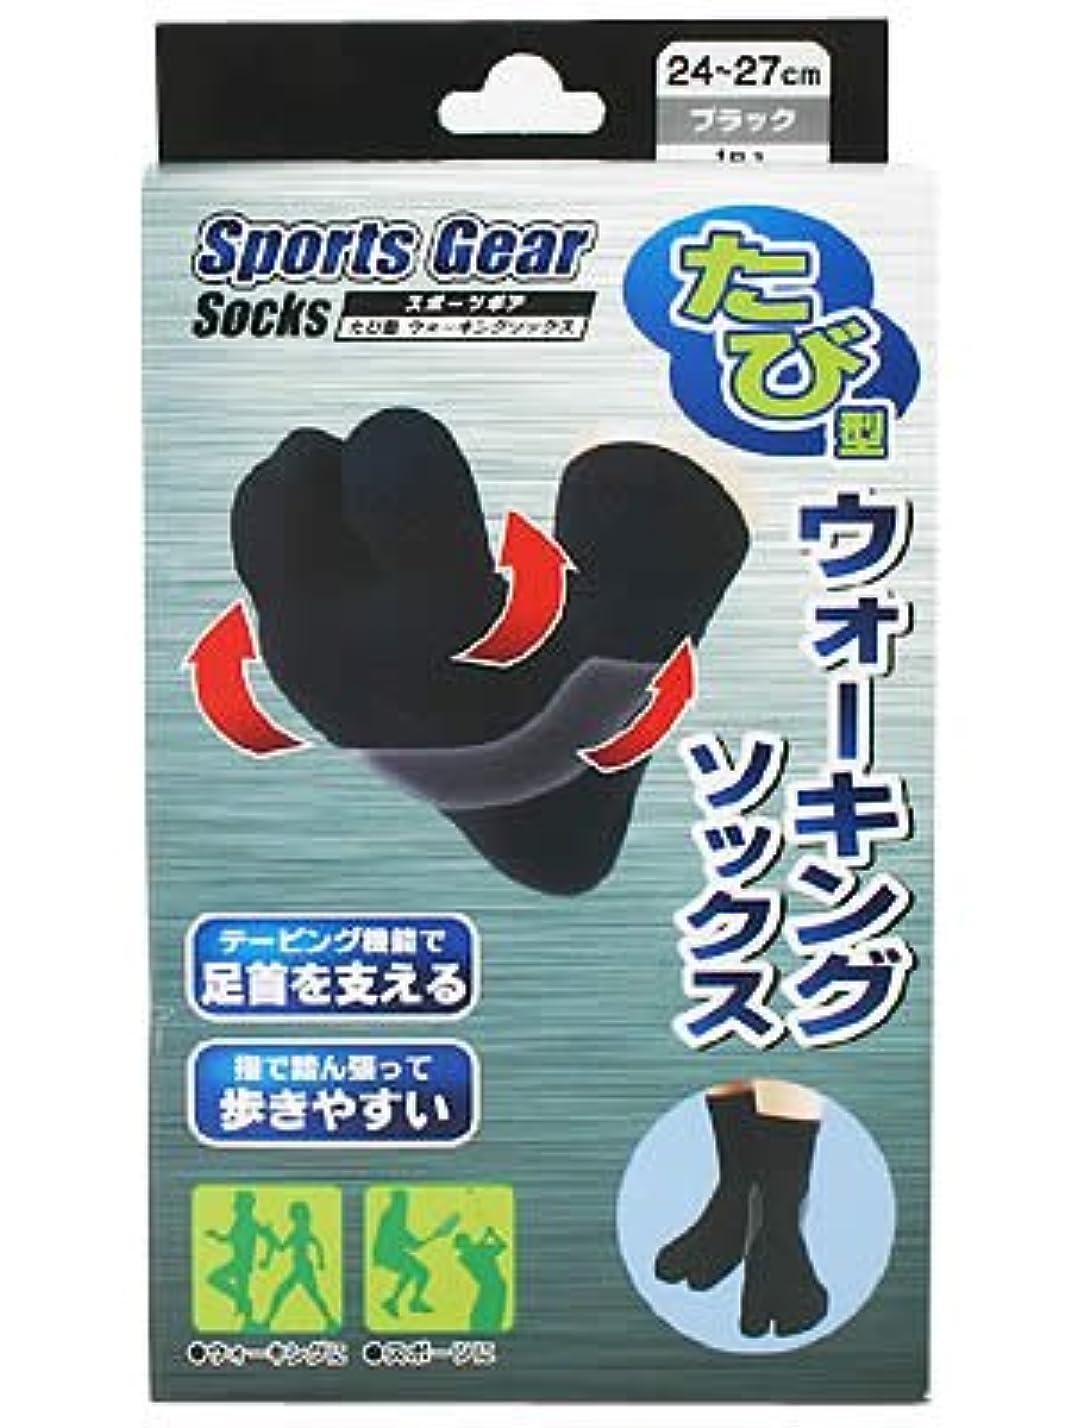 スピンバイアス最悪スポーツギア たび型 ウォーキングソックス 24~27cm ブラック